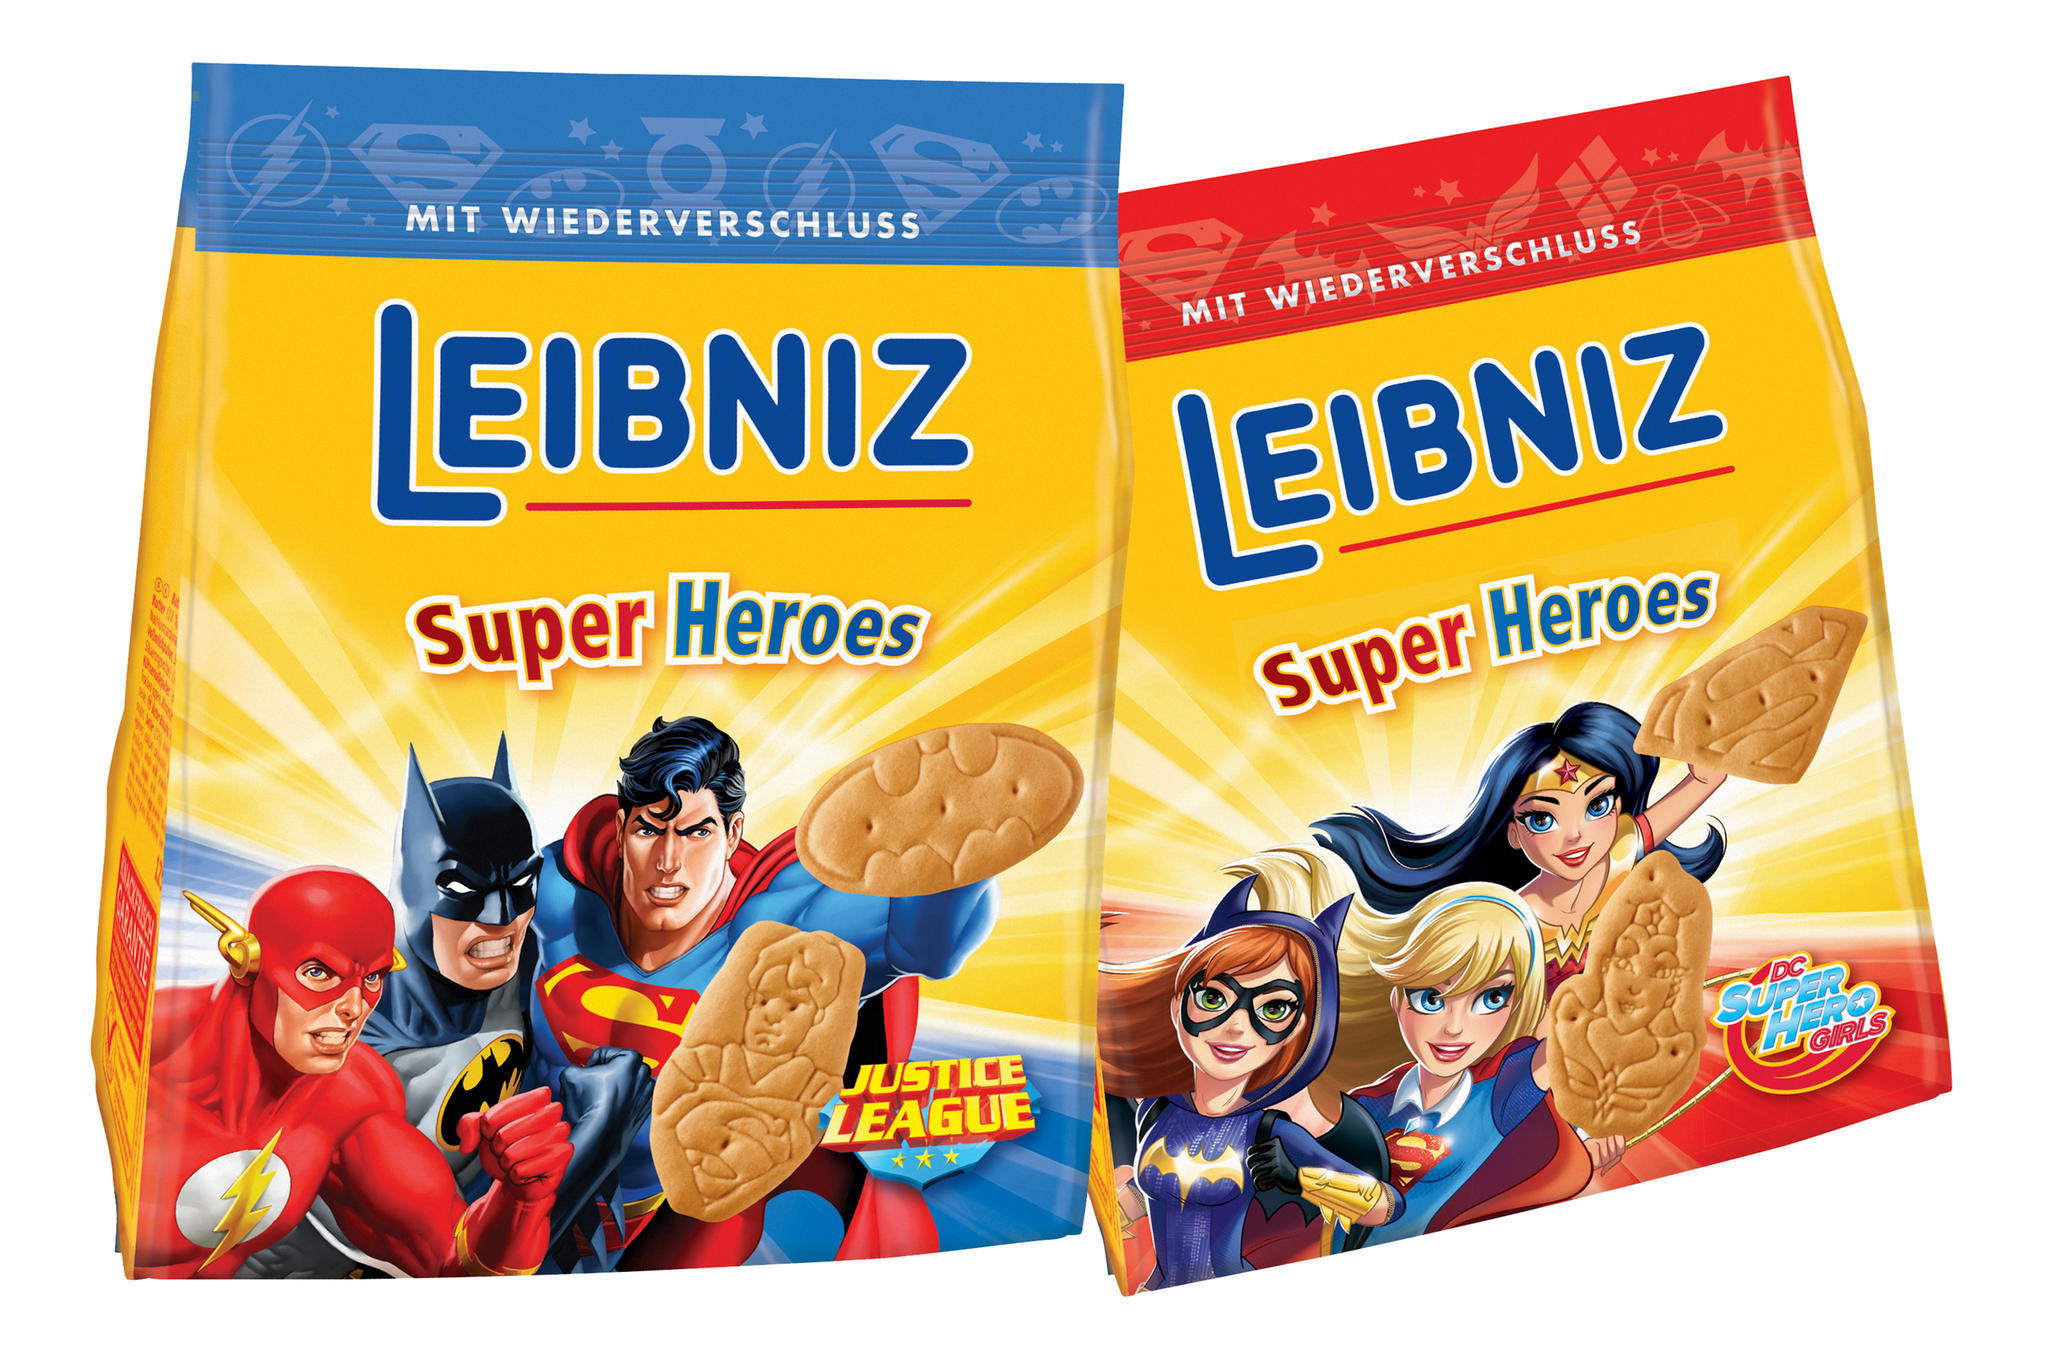 Ob nun Wonder Woman oder aber Batman - die bekannten Kekse von Leibniz gibt es jetzt im heldenhaften Look.